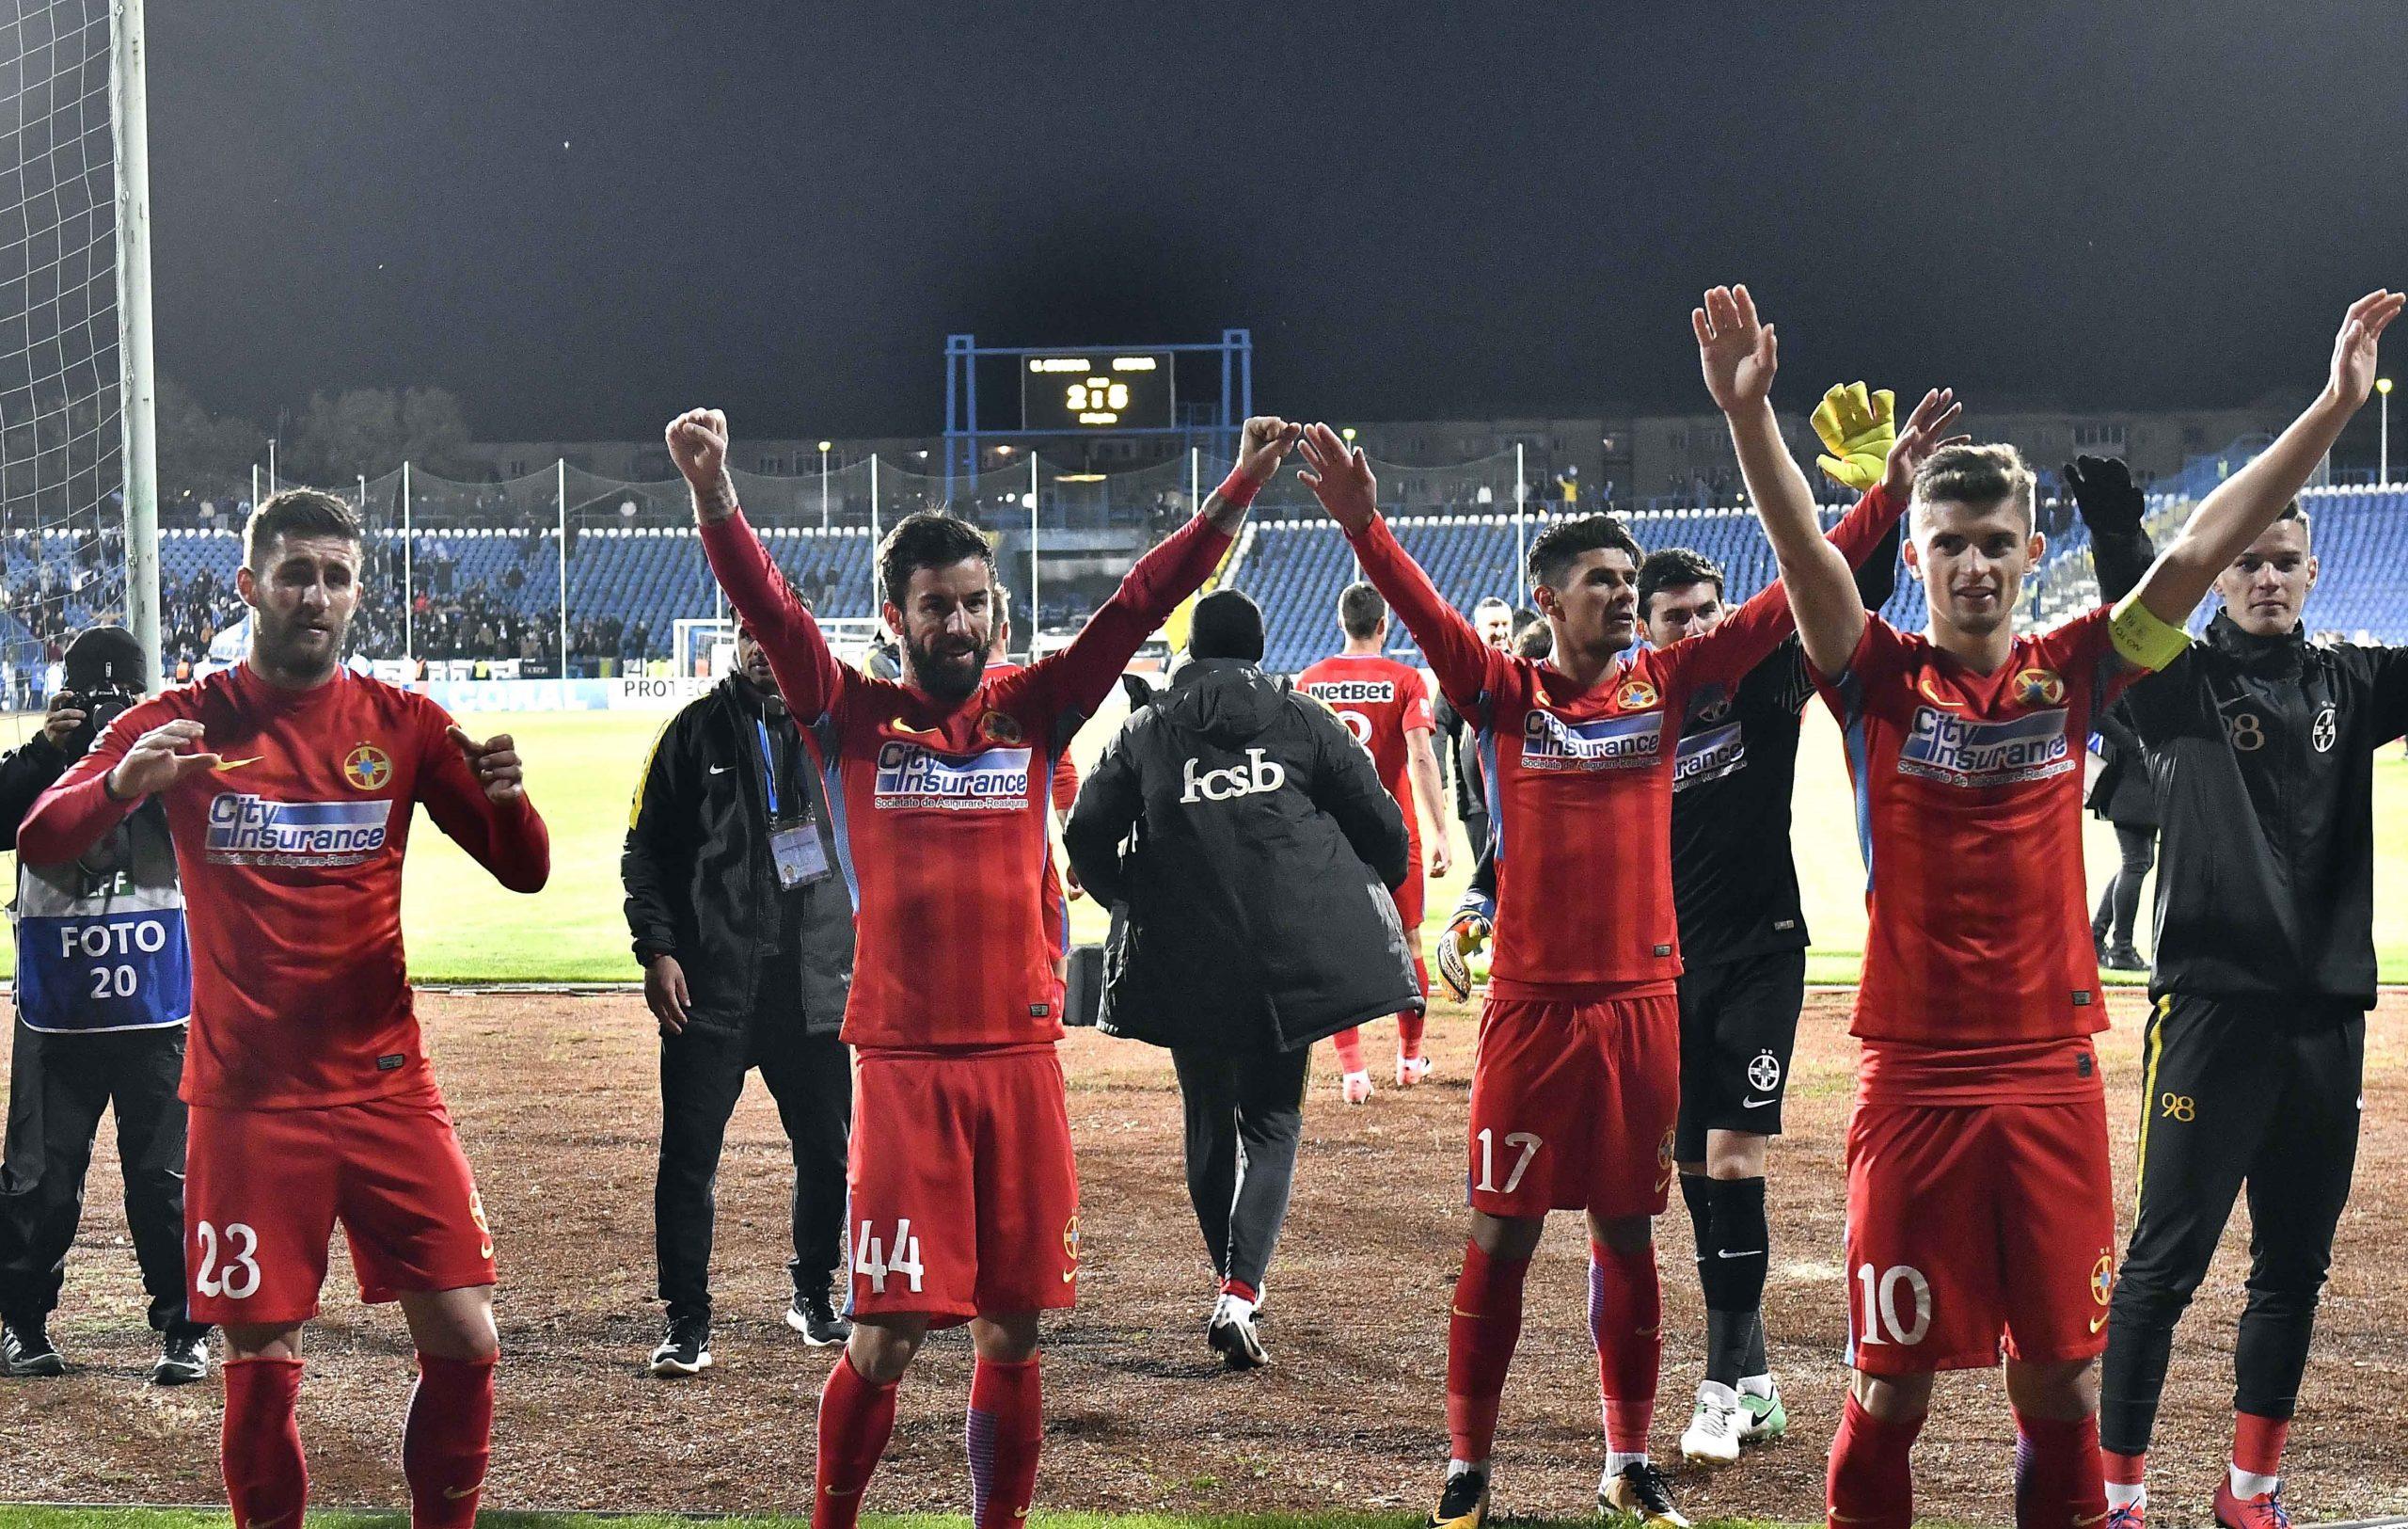 O primă plecare de la FCSB! Jucătorul s-a despărţit de echipa lui Becali după remiza cu Sepsi. Şi-a luat deja la revedere de la coechipieri